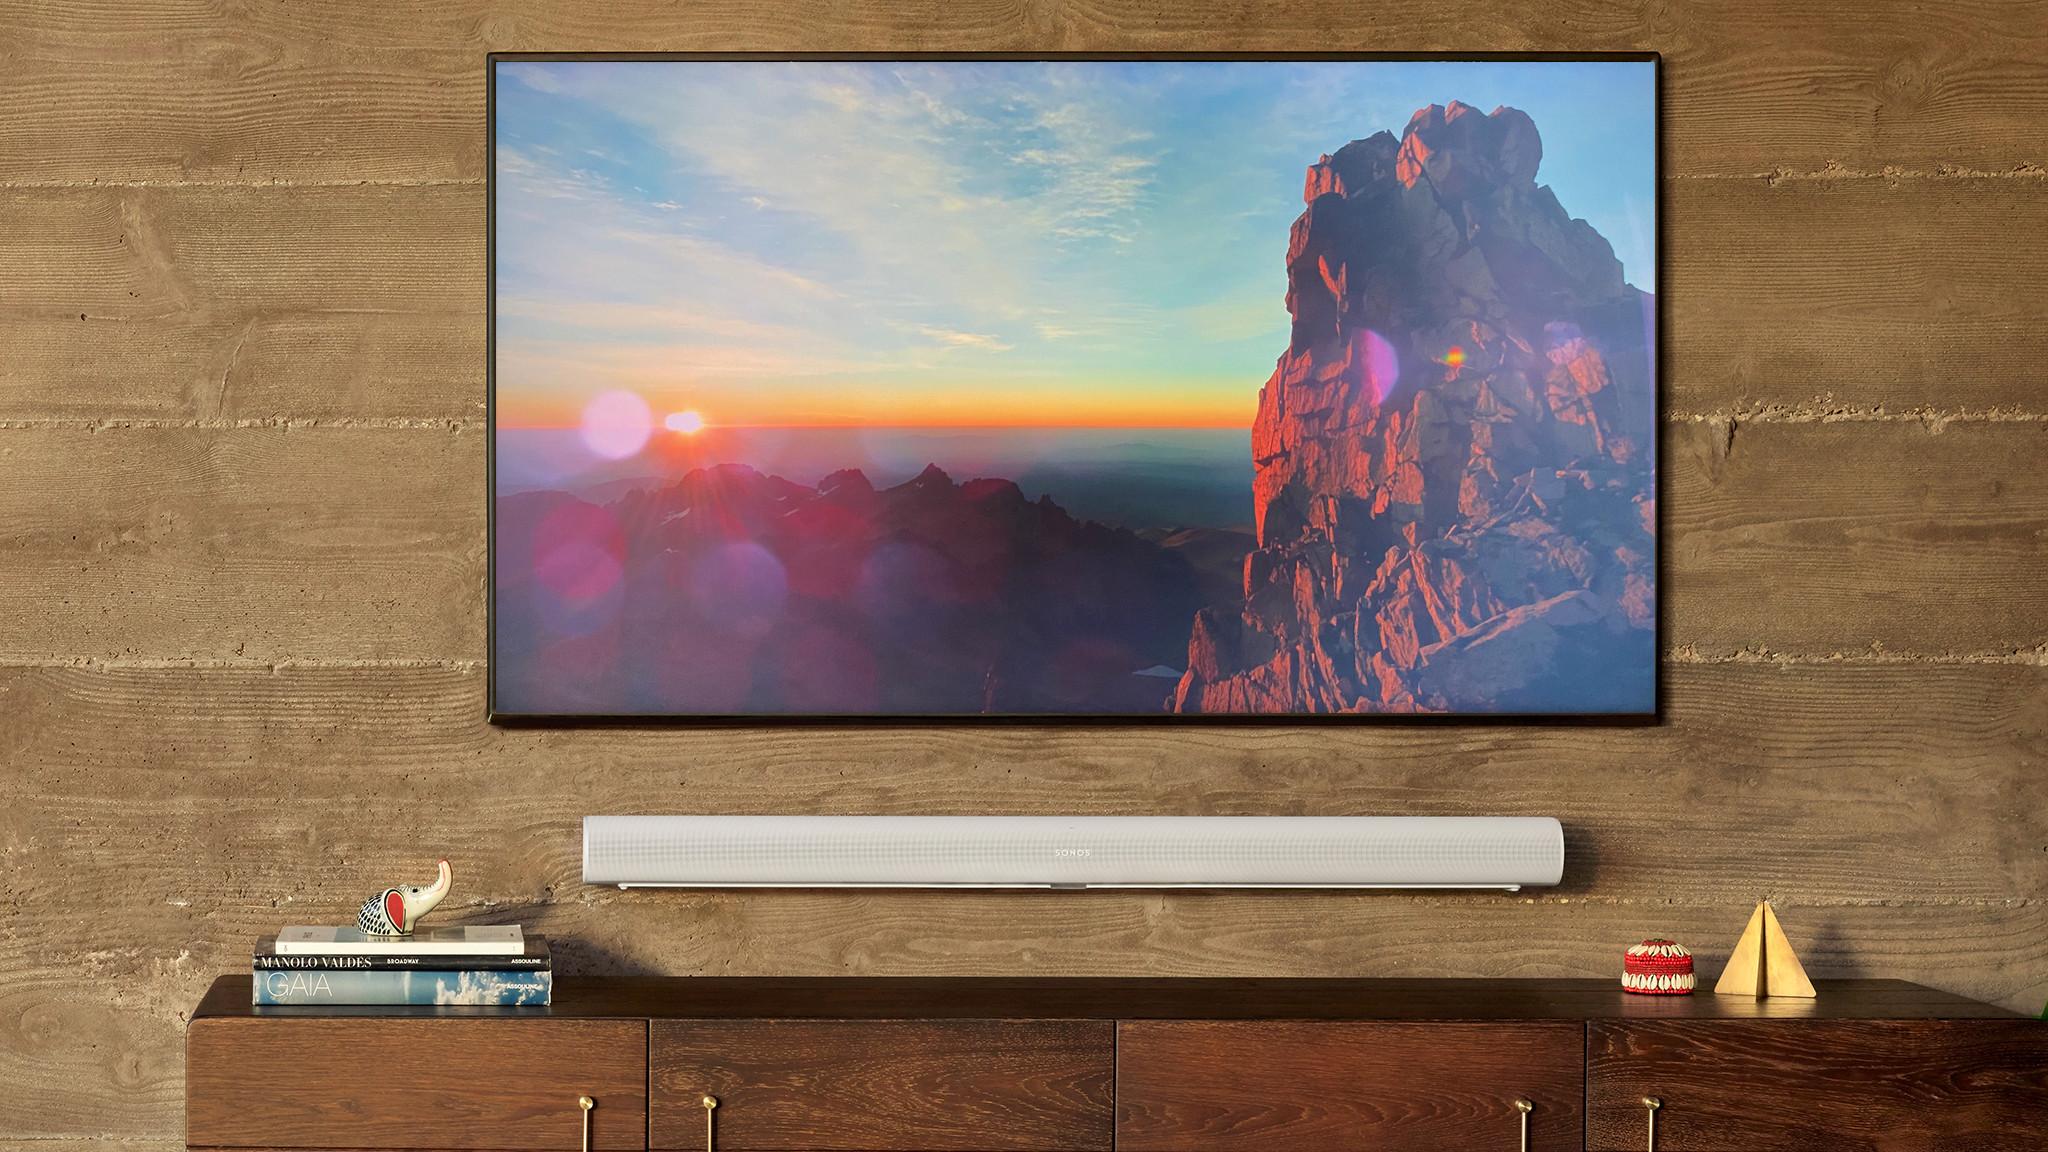 Sonos Arc im Test: Die Soundbar lässt sich problemlos an der Wand befestigen.©Sonos, COMPUTER BILD